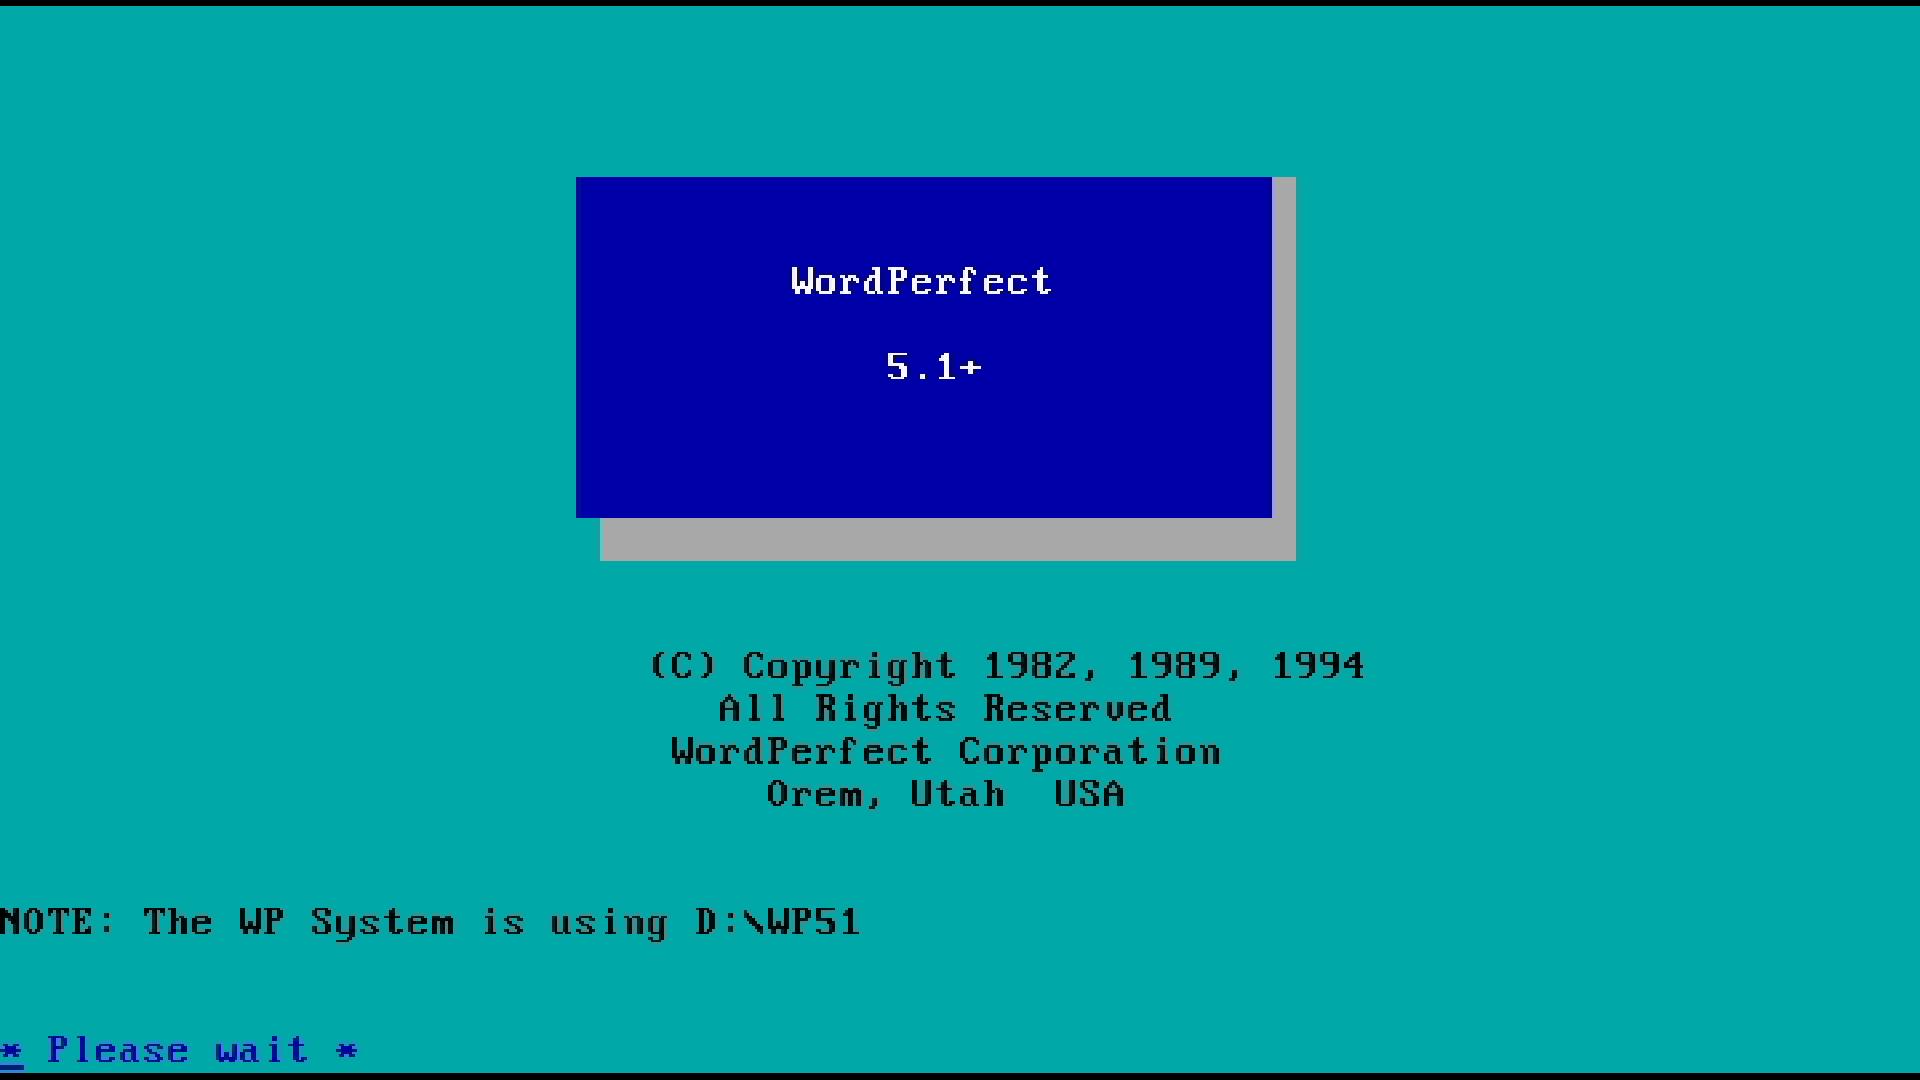 WordPerfect 5.1